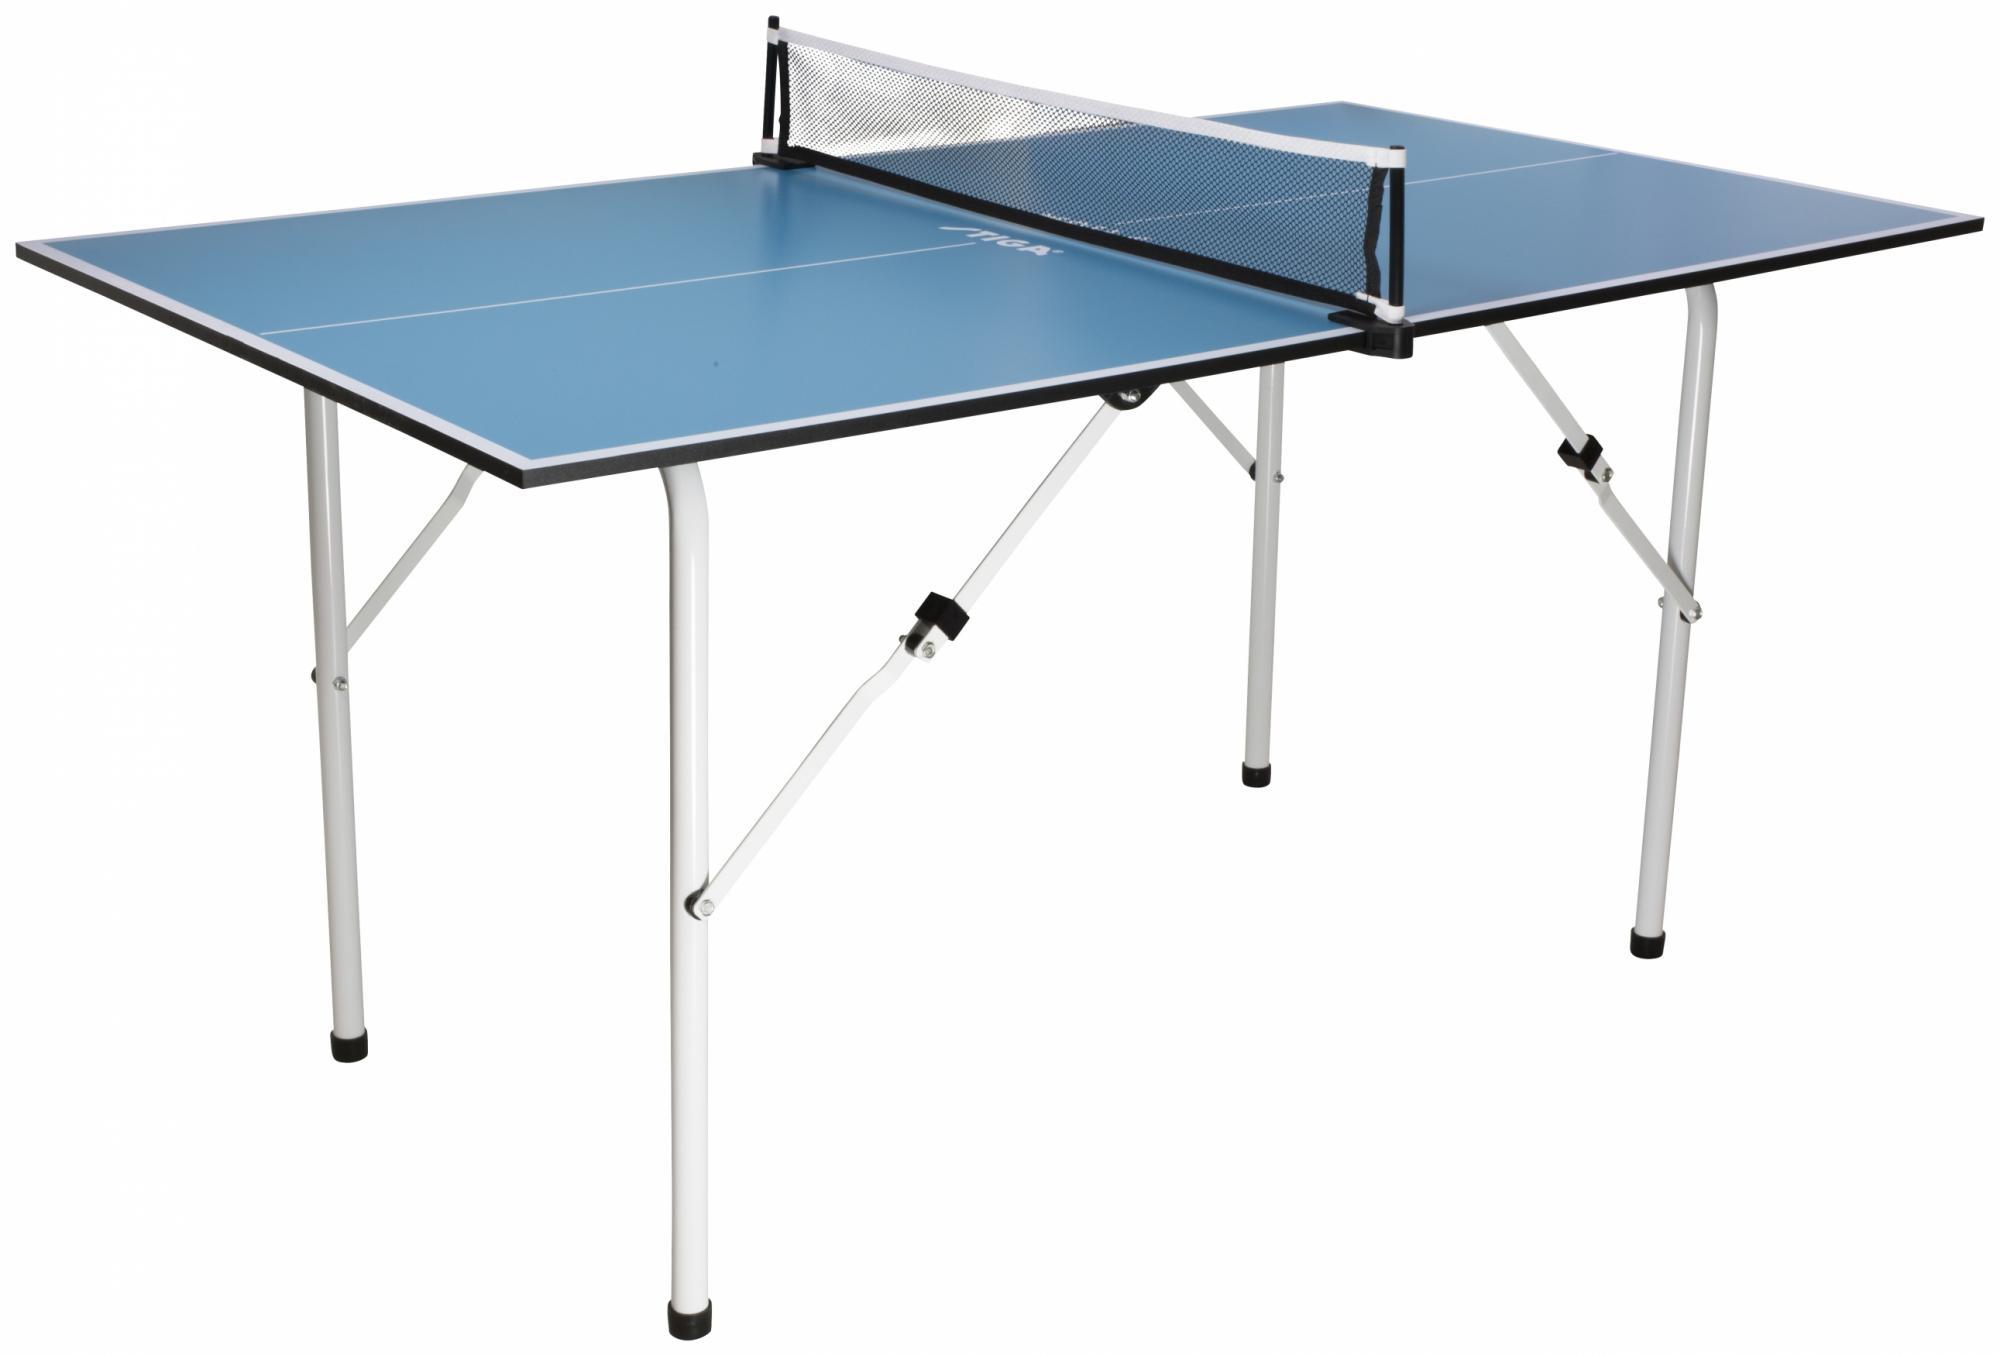 Pingpongový stůl STIGA MINI TABLE